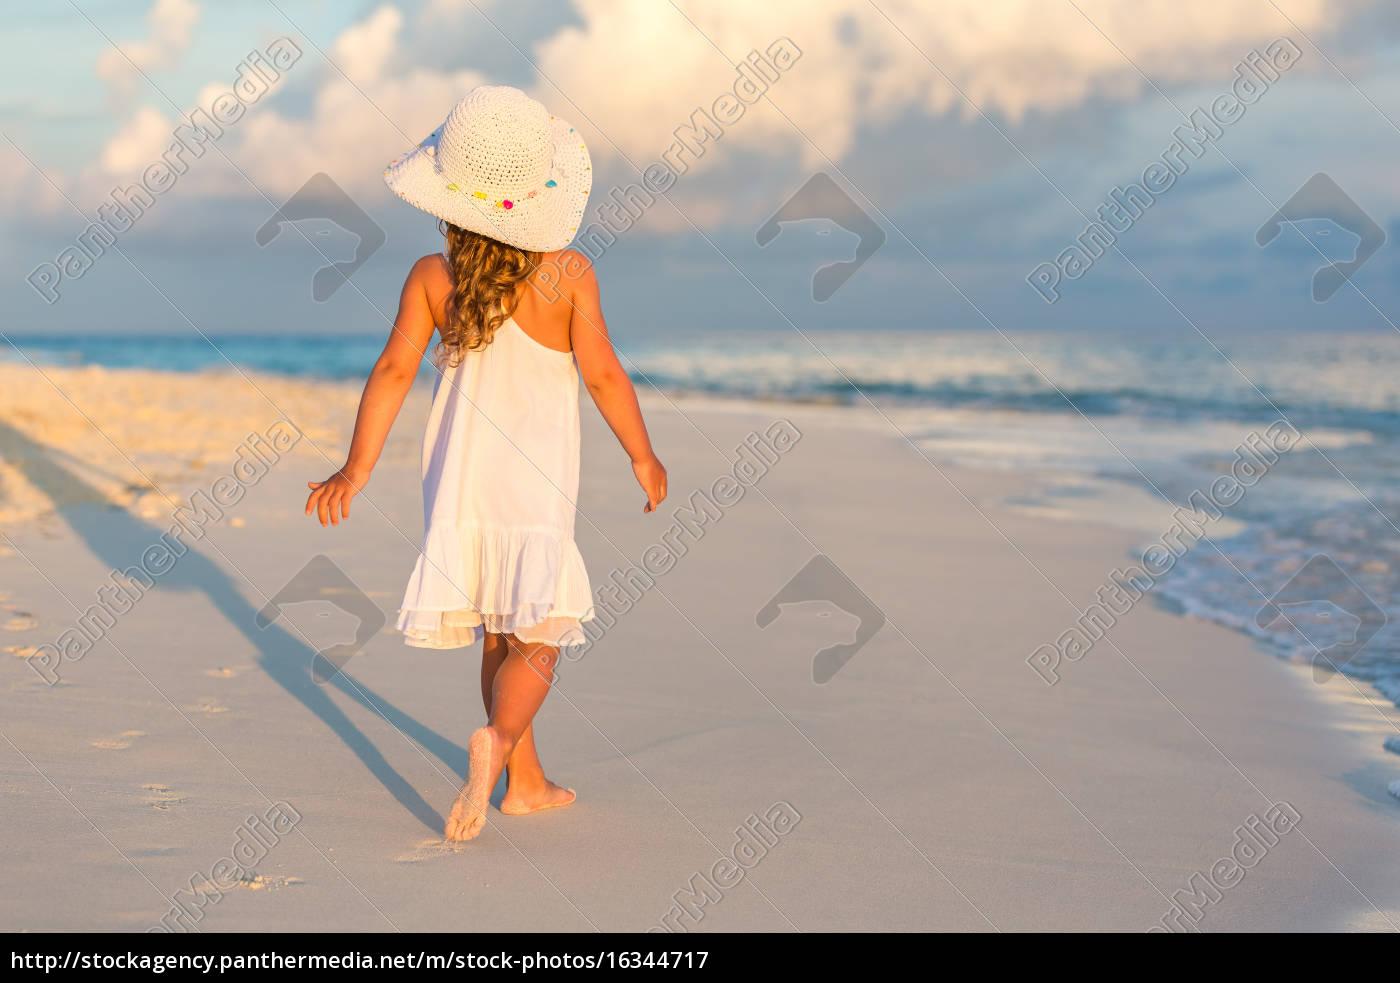 little, girl, on, the, beach - 16344717